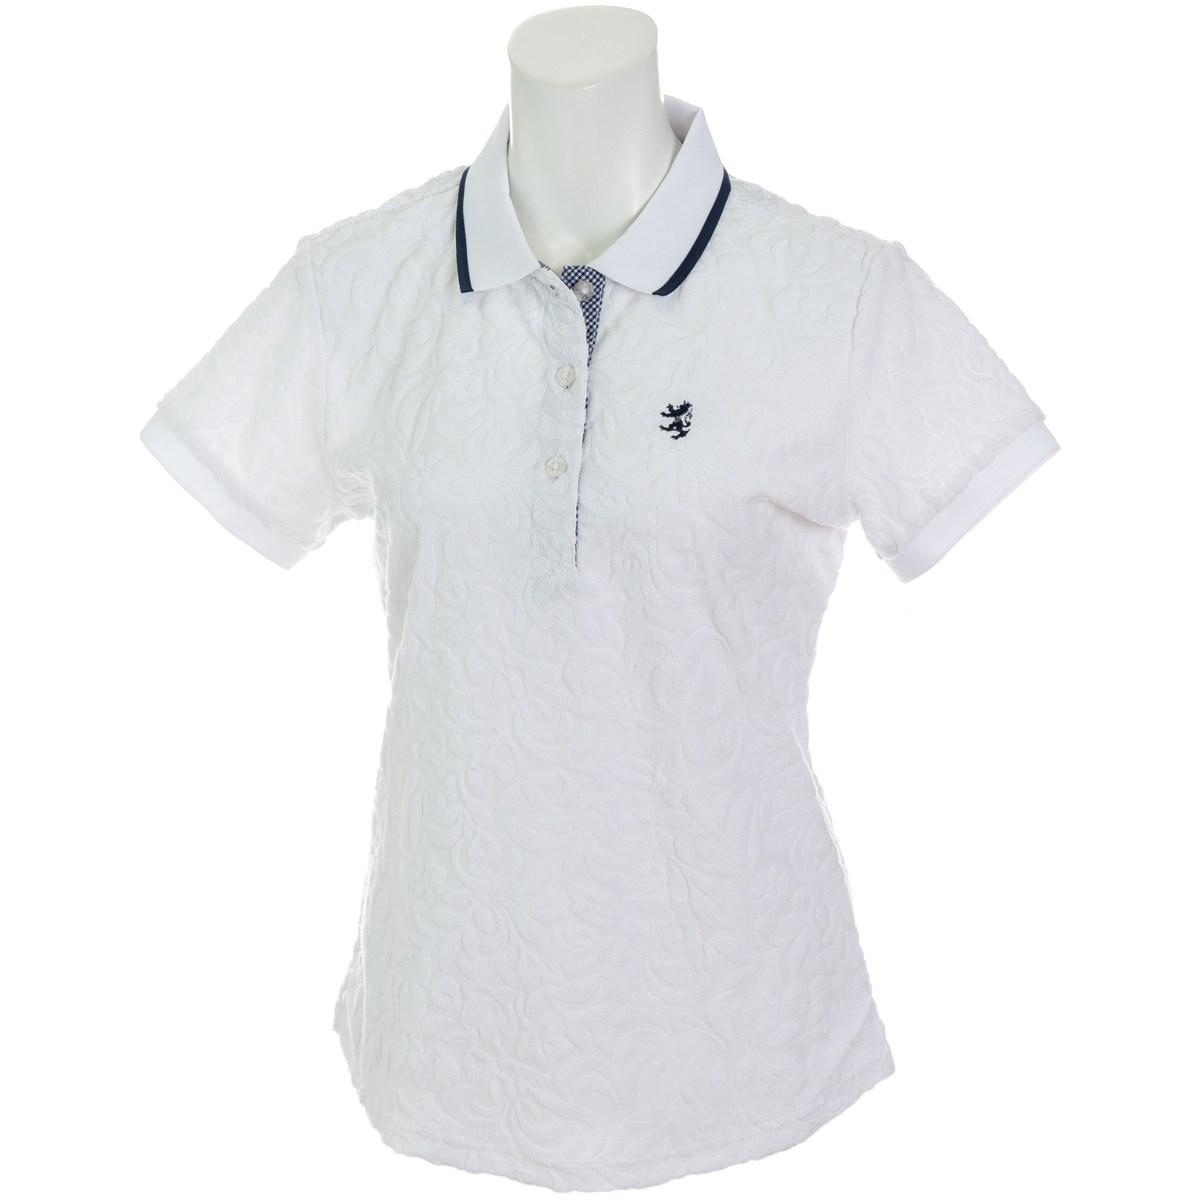 アドミラル Admiral リーフパイル 半袖ポロシャツ S ホワイト 00 レディス